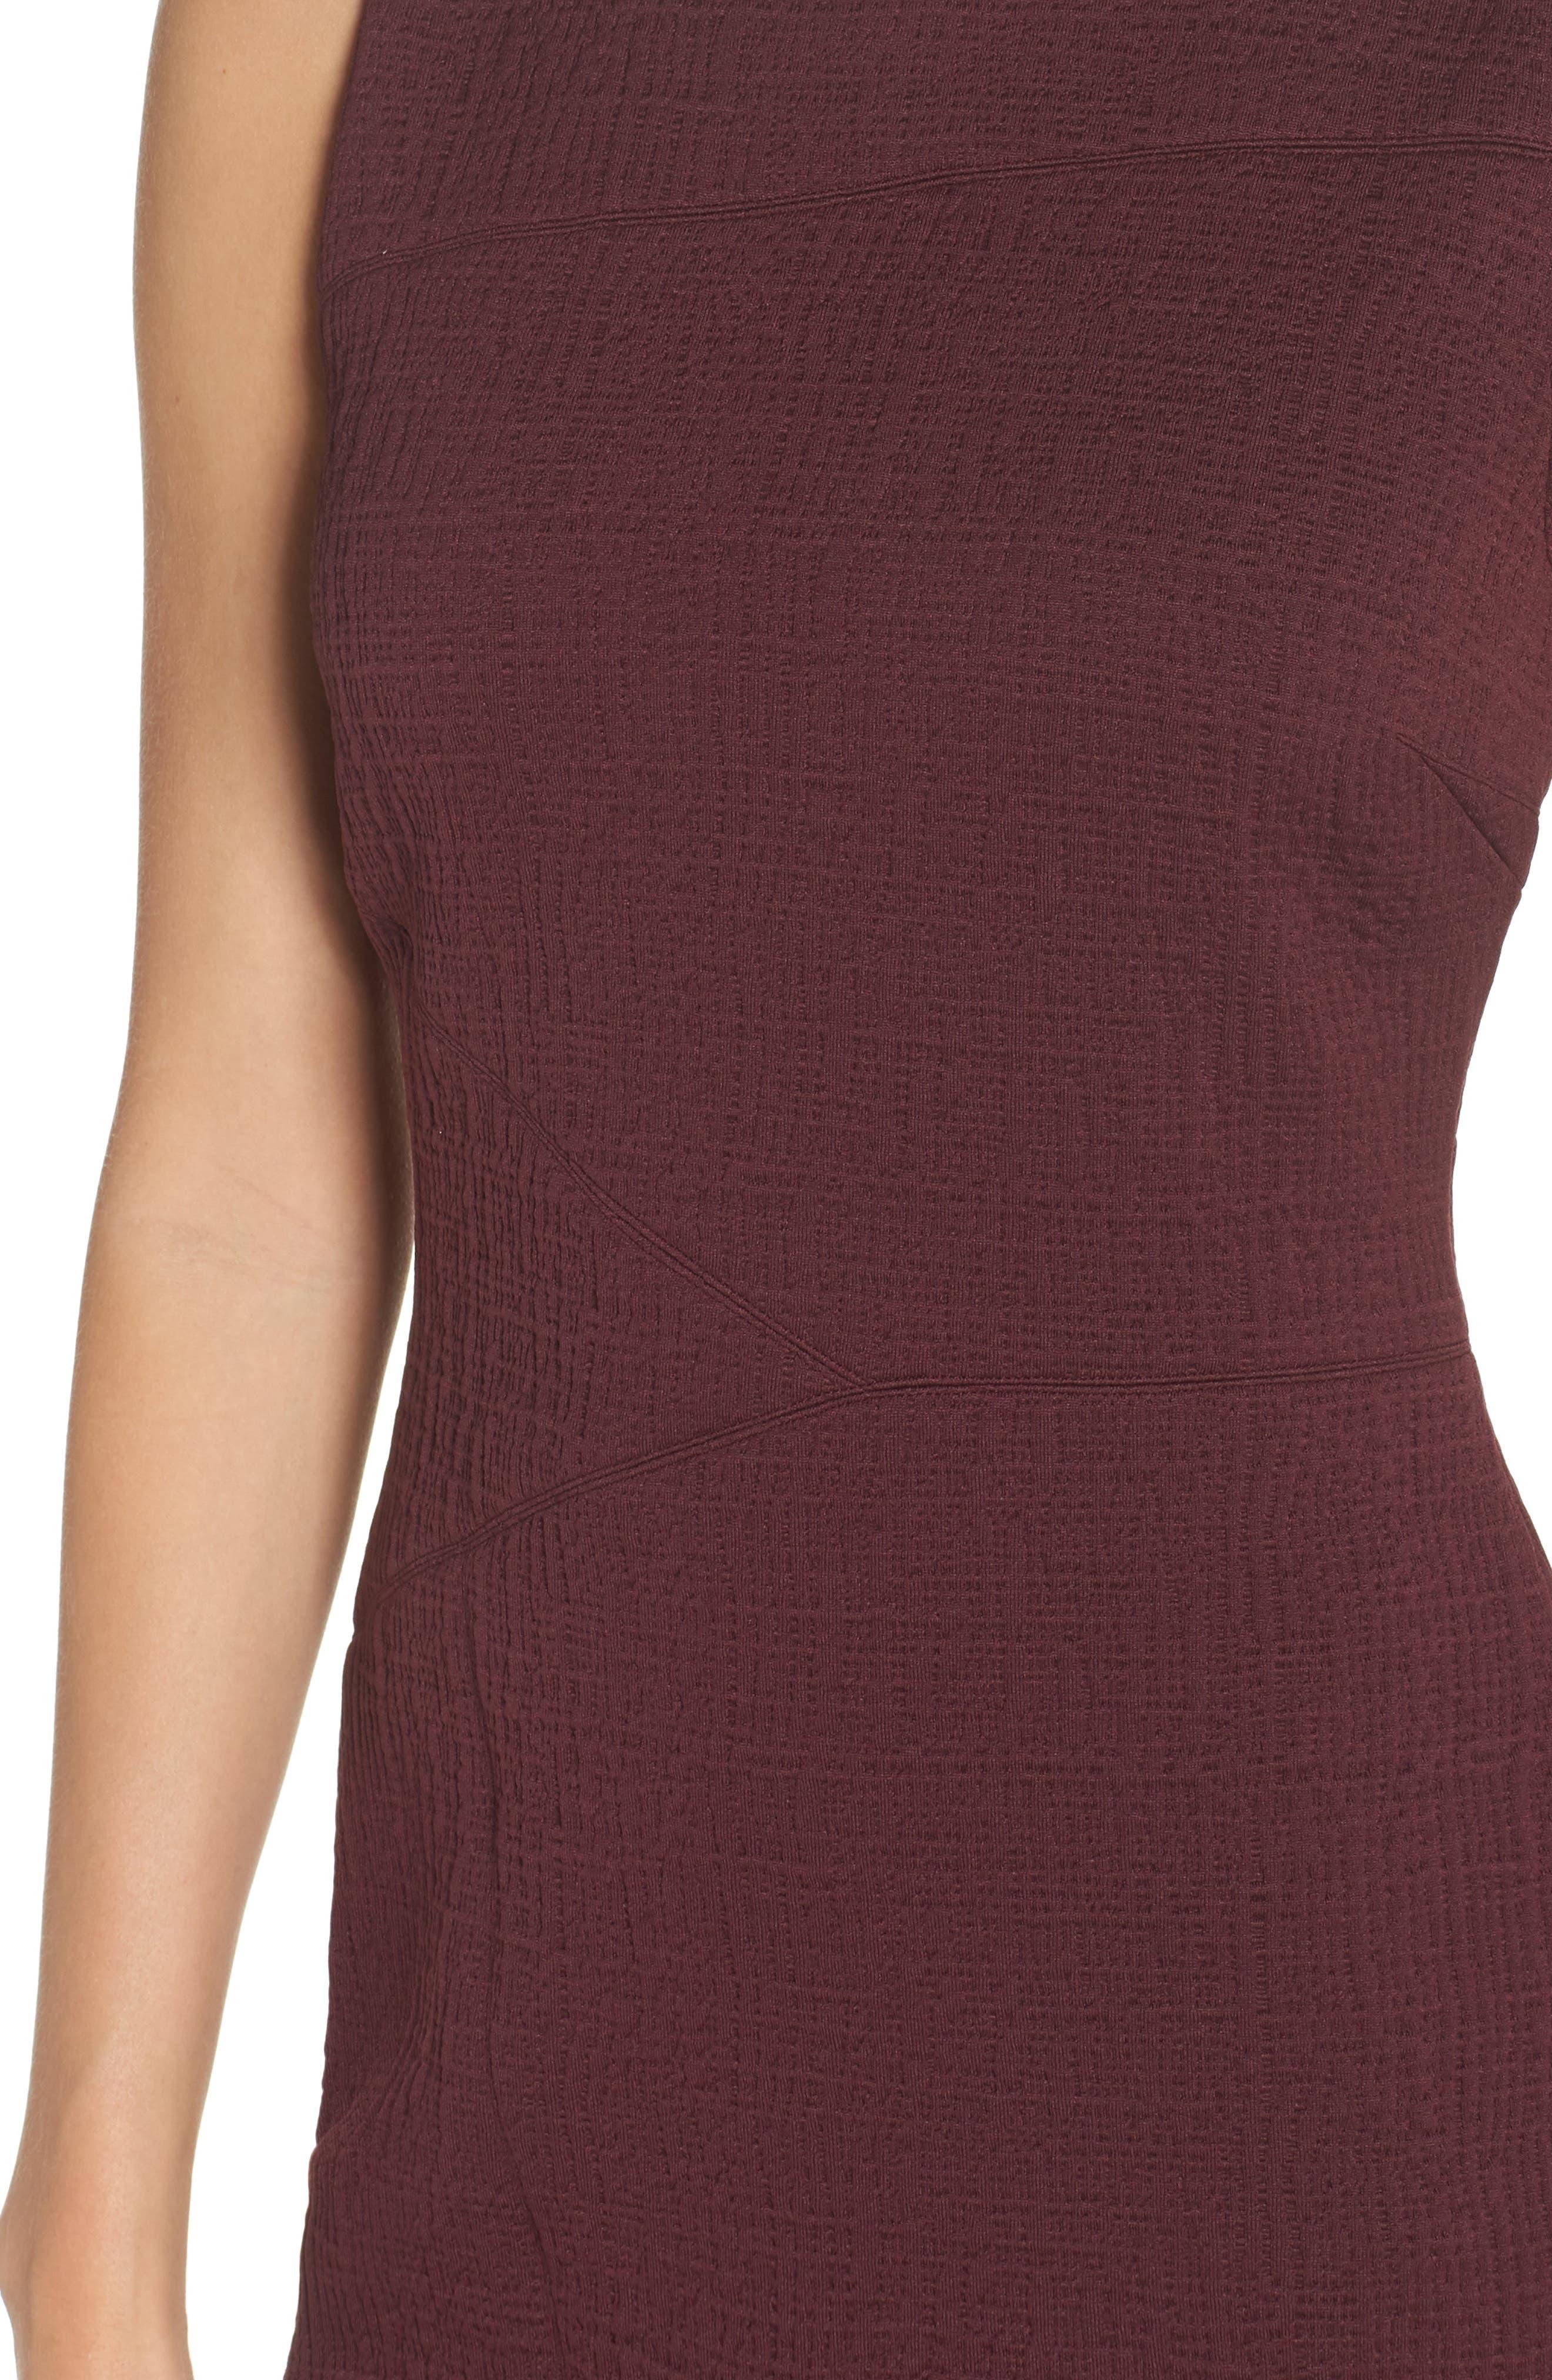 Jacquard Sheath Dress,                             Alternate thumbnail 4, color,                             Fig